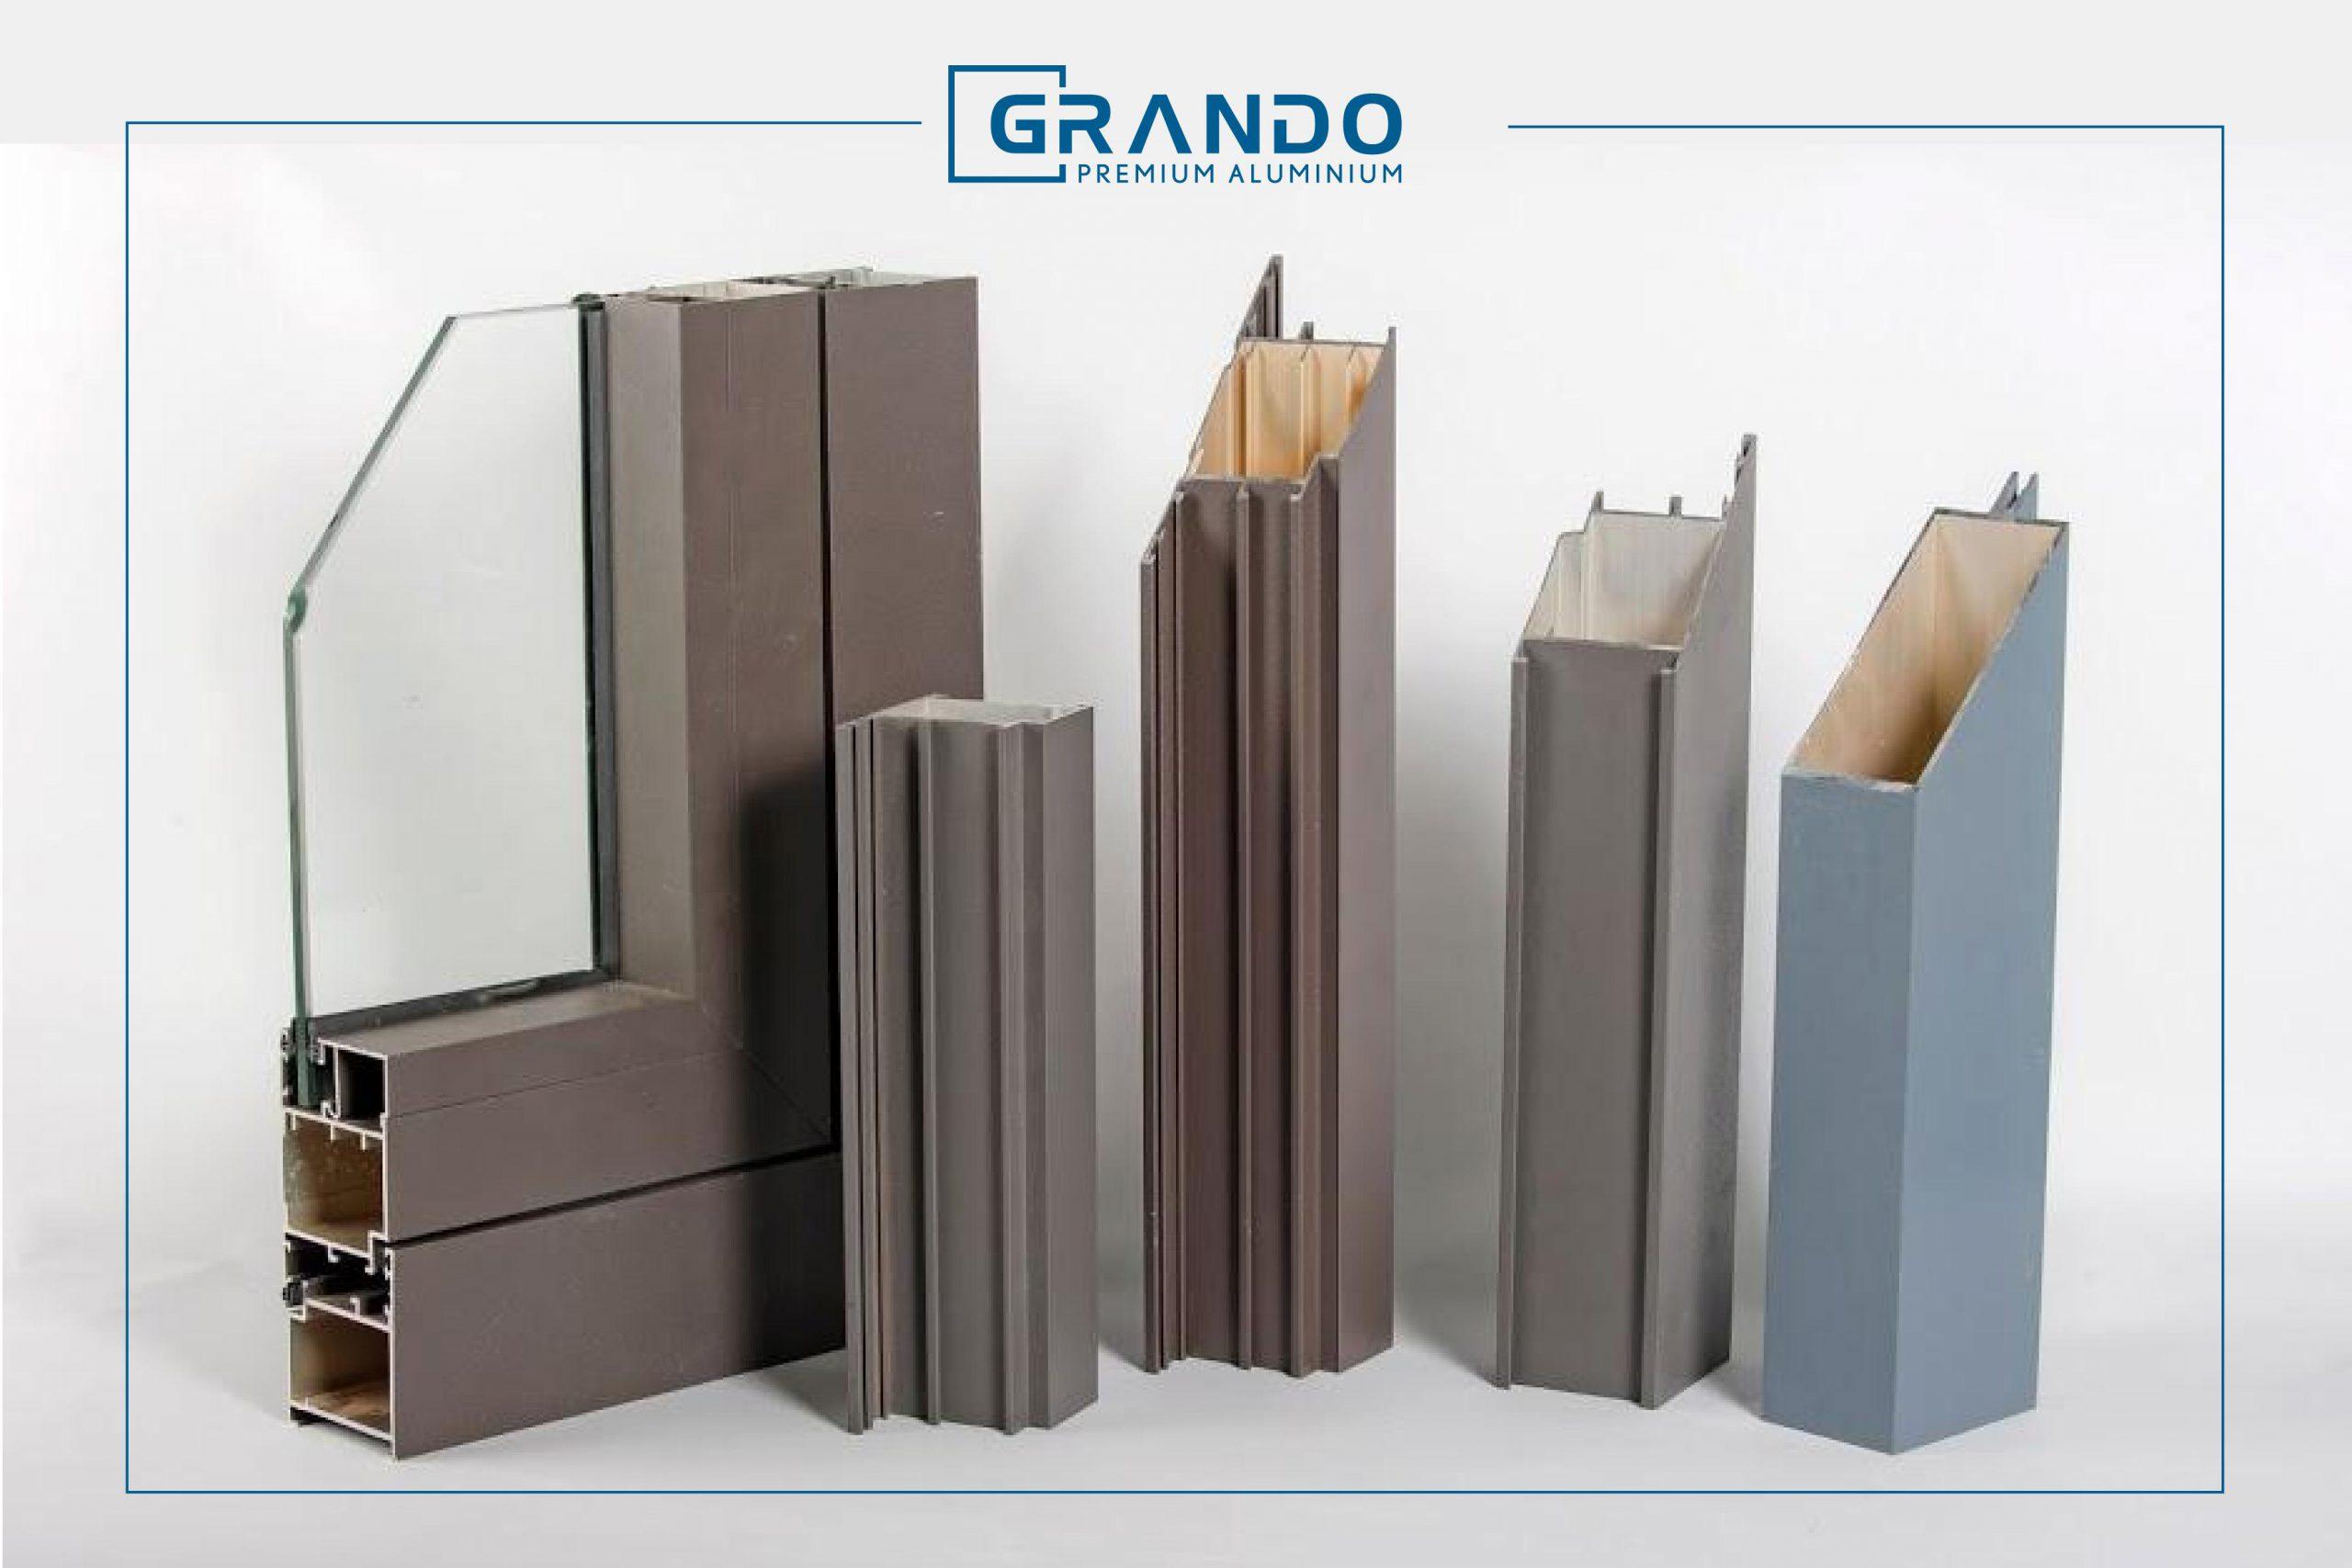 Các  thanh nhôm được thiết kế với các khoang rỗng bên trong giúp giảm đáng kể trọng lượng cho công trình.